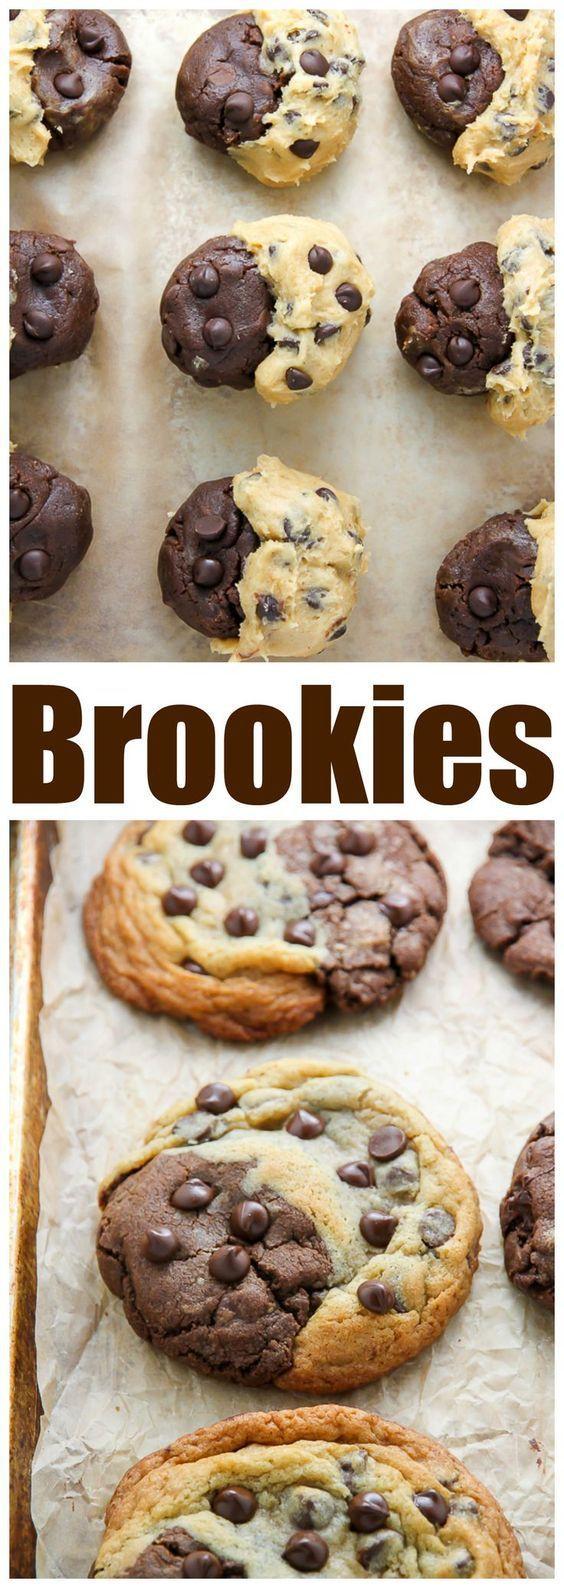 Brookies - Brownie/Chocolate Chip Cookies